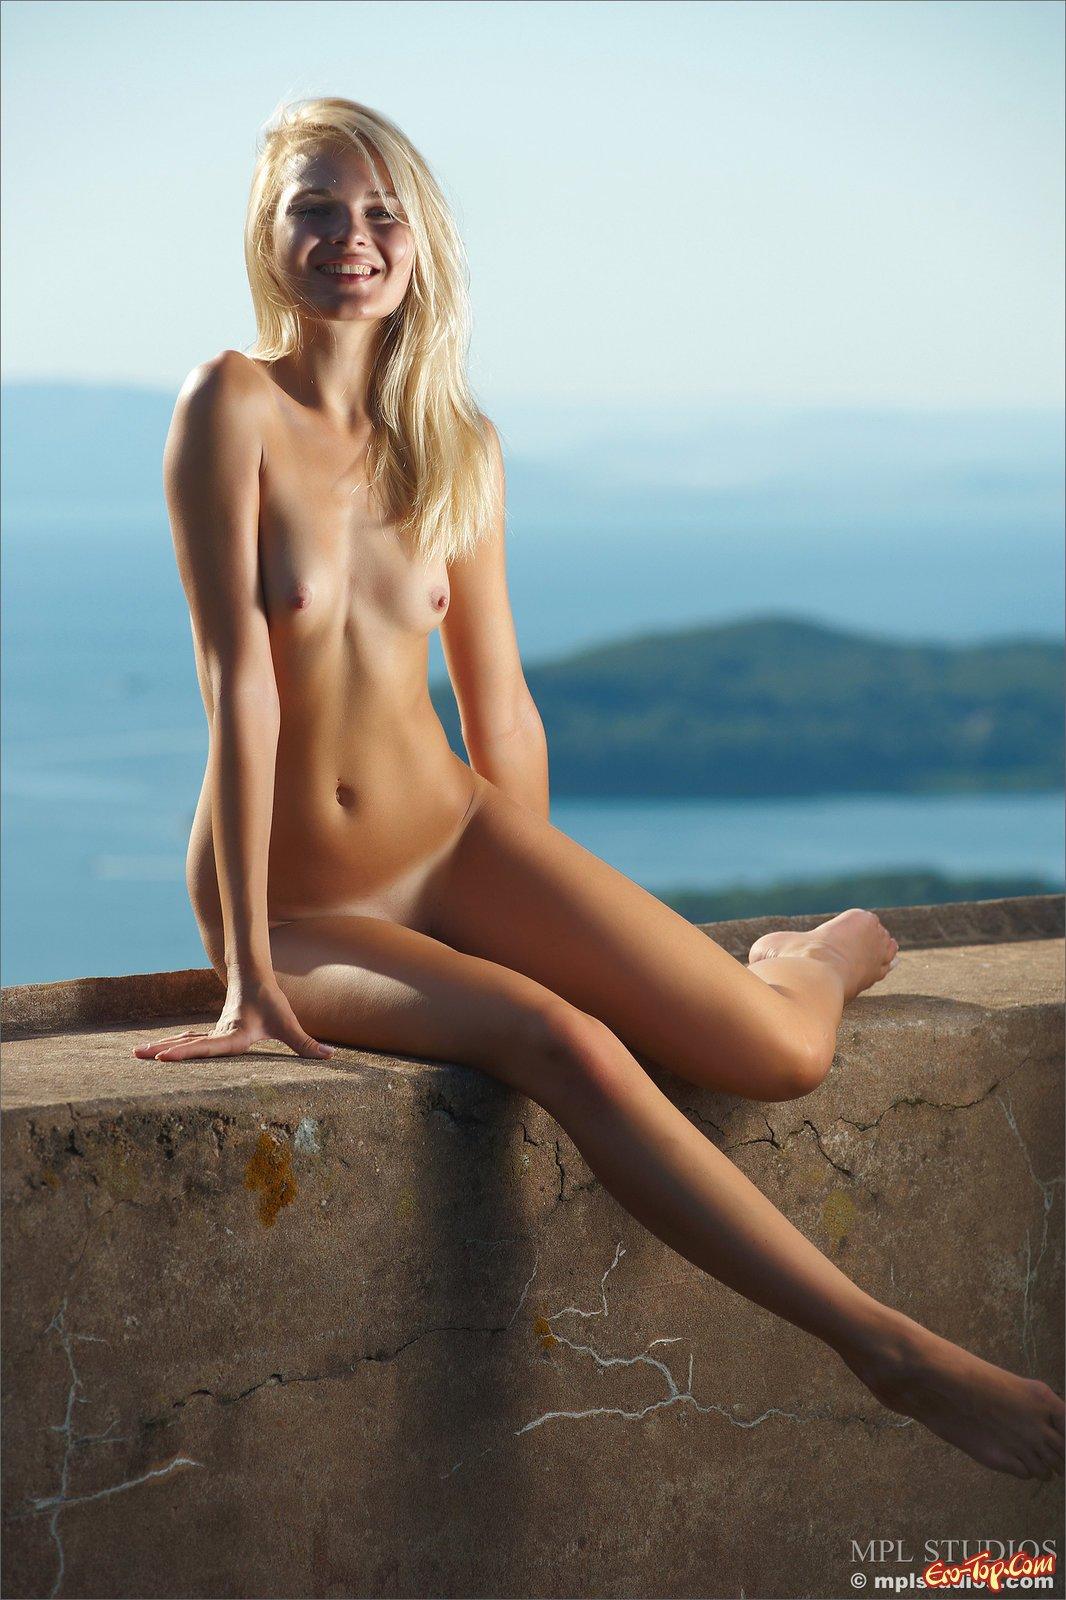 Смуглая блондиночка хочет сниматься голой